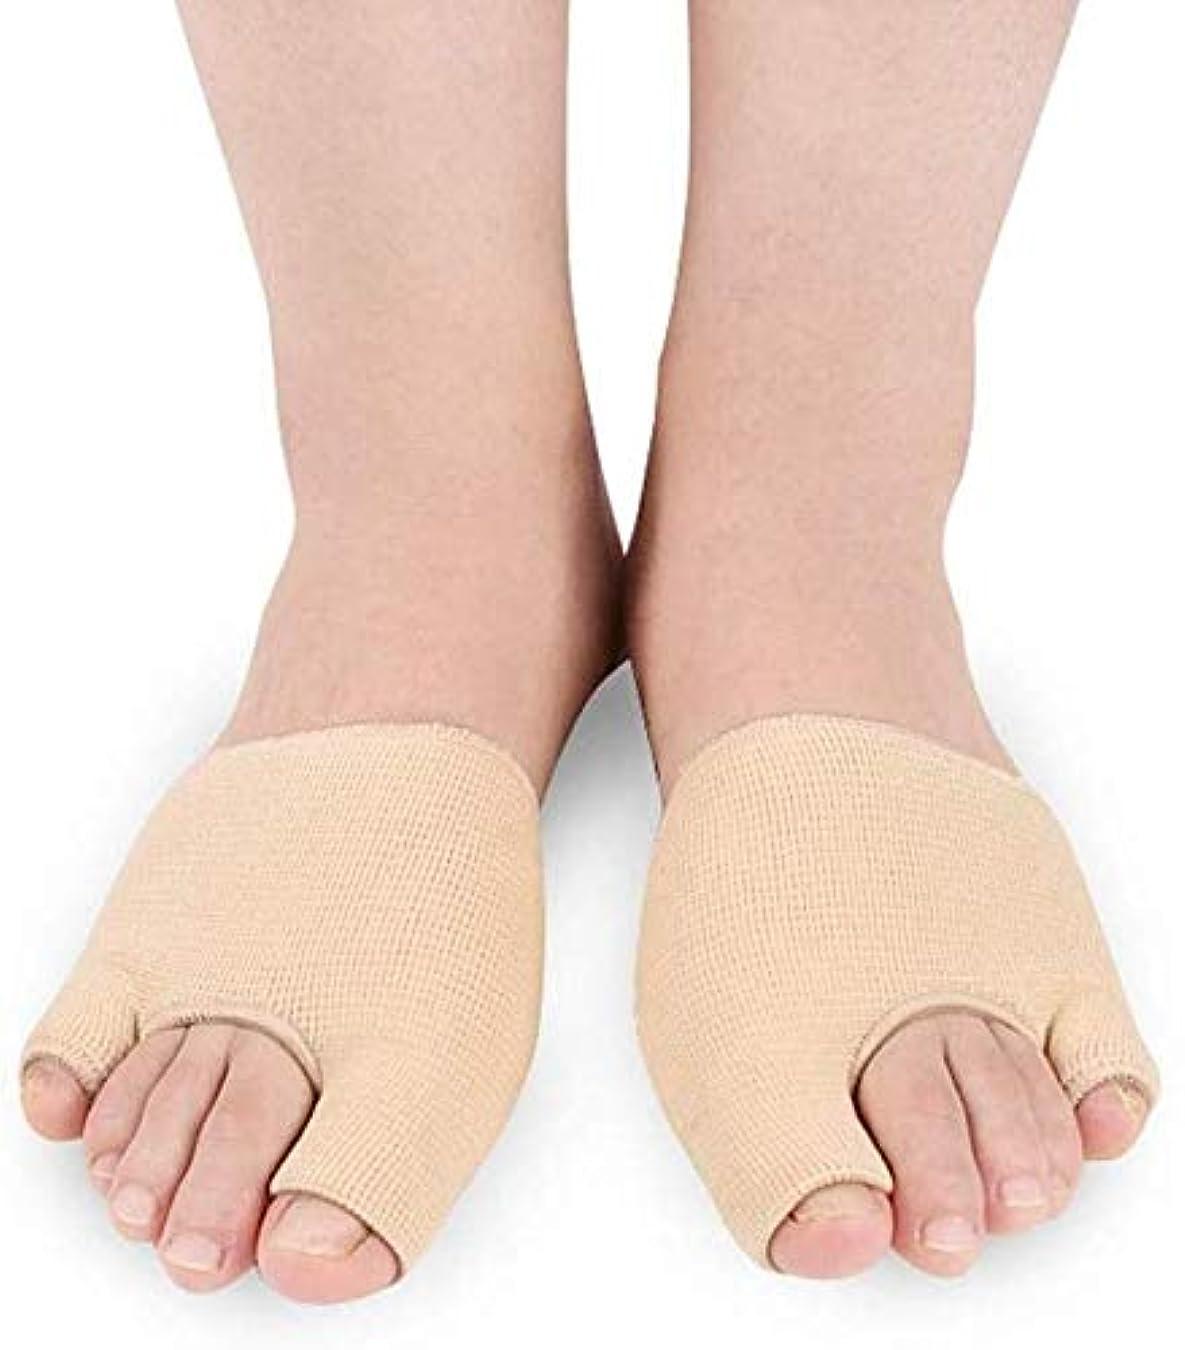 上取り戻す誇張バニオンコレクターのために痛みを軽減、足の親指セパレータ外反母趾ストレイテナー、足セパレータ腱膜瘤プロテクターデイナイトタイム外反母趾救済、外反母趾の痛みを軽減する(1ペア)のための調節可能な足ストレイテナーパッドクッションのために足を重ね合わせます (Size : Large)